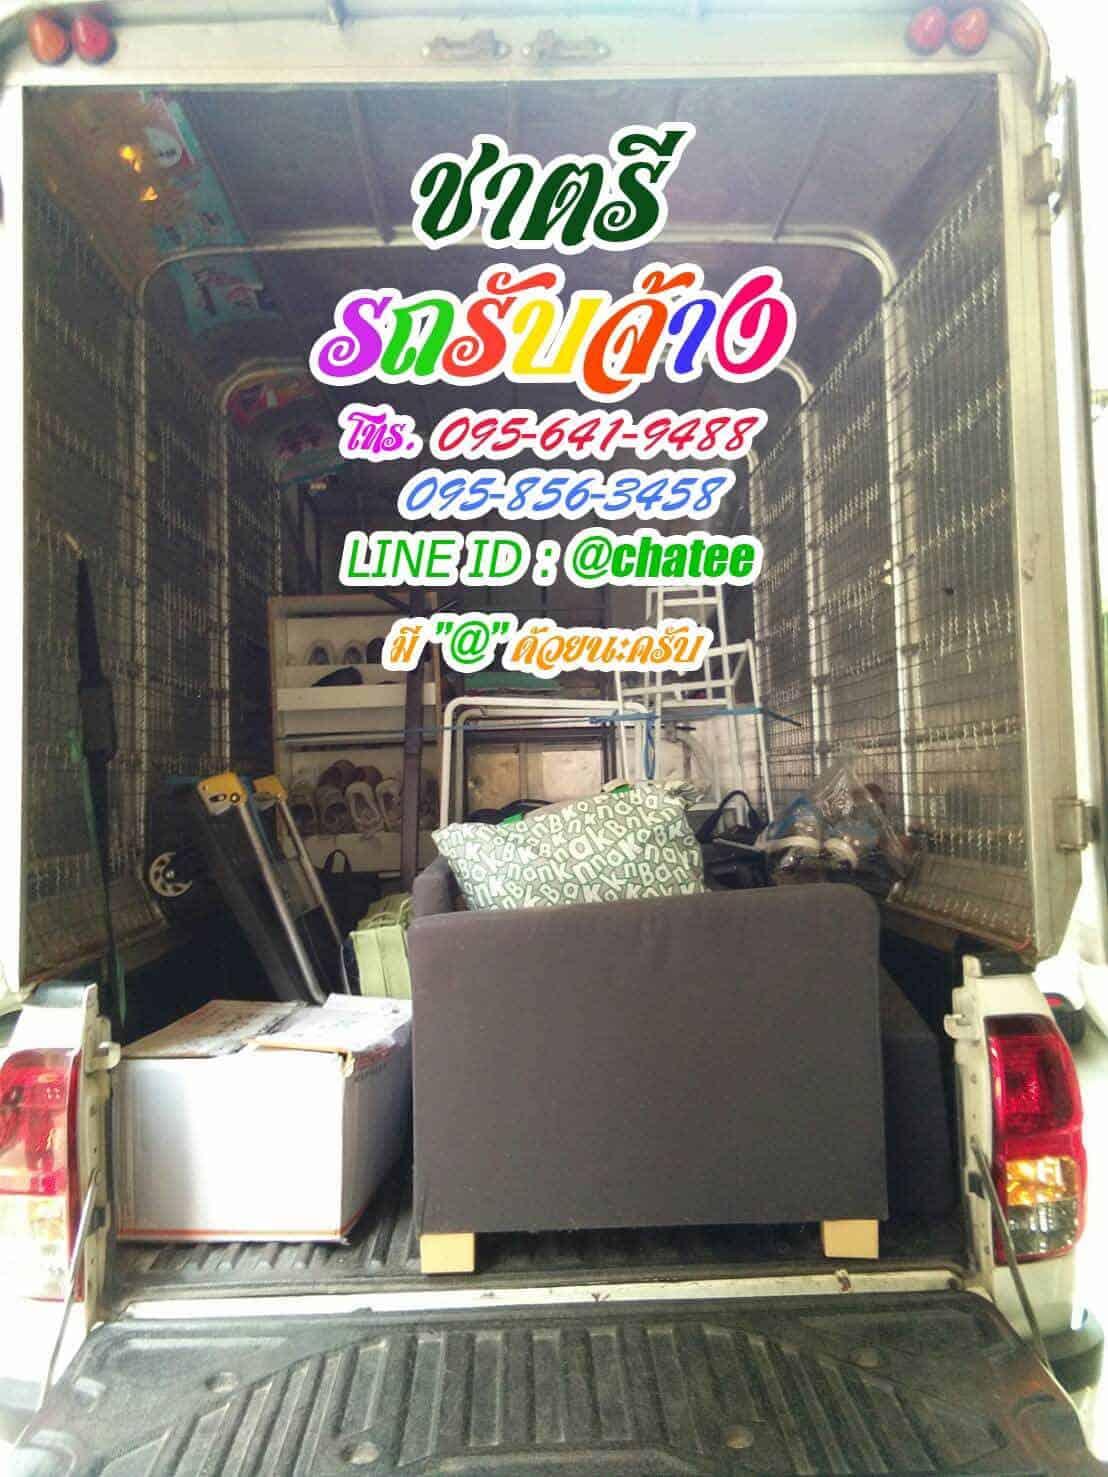 รถรับจ้างขนของจากอุดมสุขไปพาราไดซ์